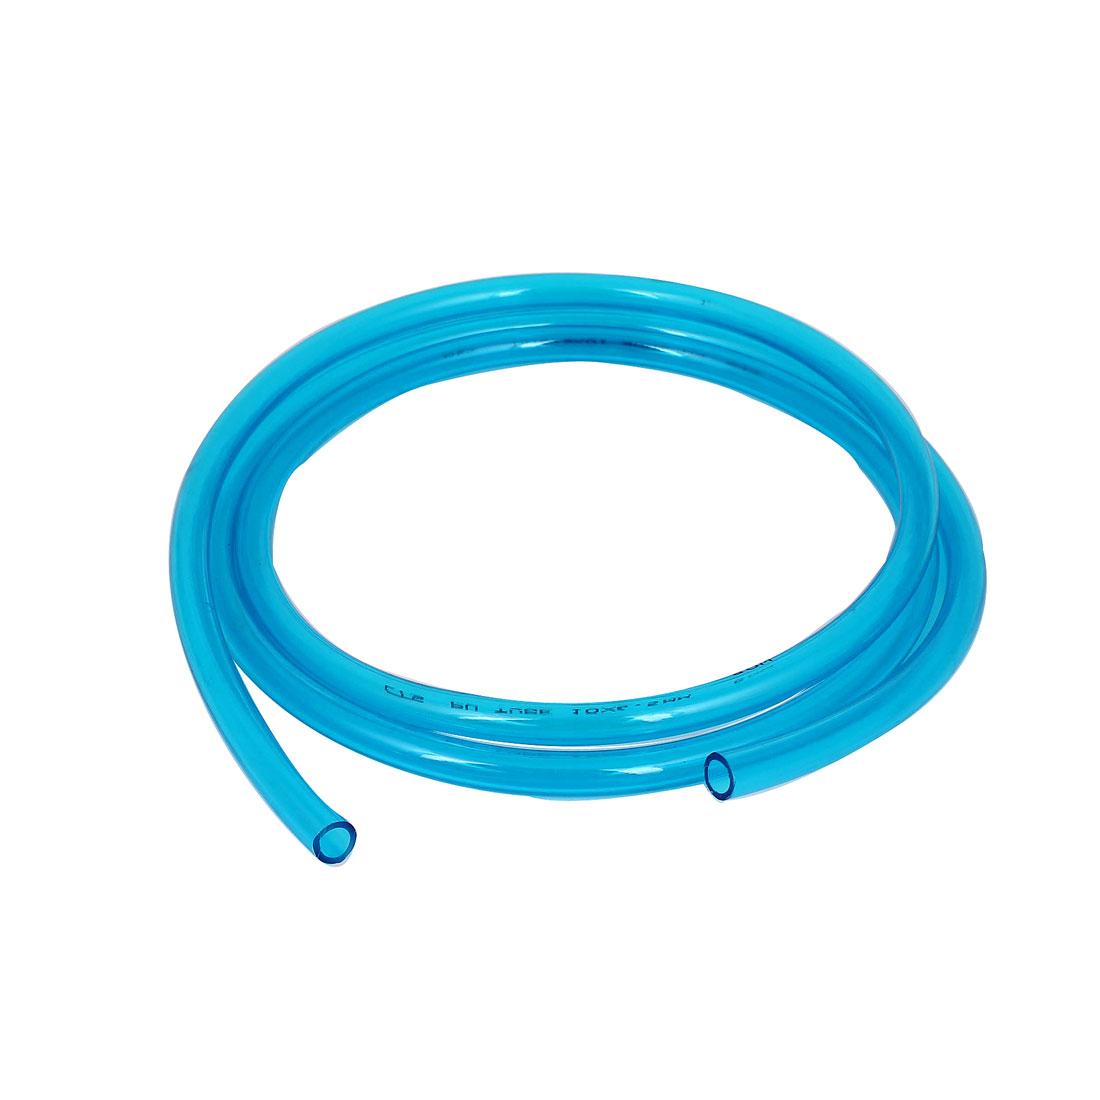 PU Polyurethane Air Tubing Pneumatic Pipe Tube Hose Clear Blue 10x6.5mm 2M